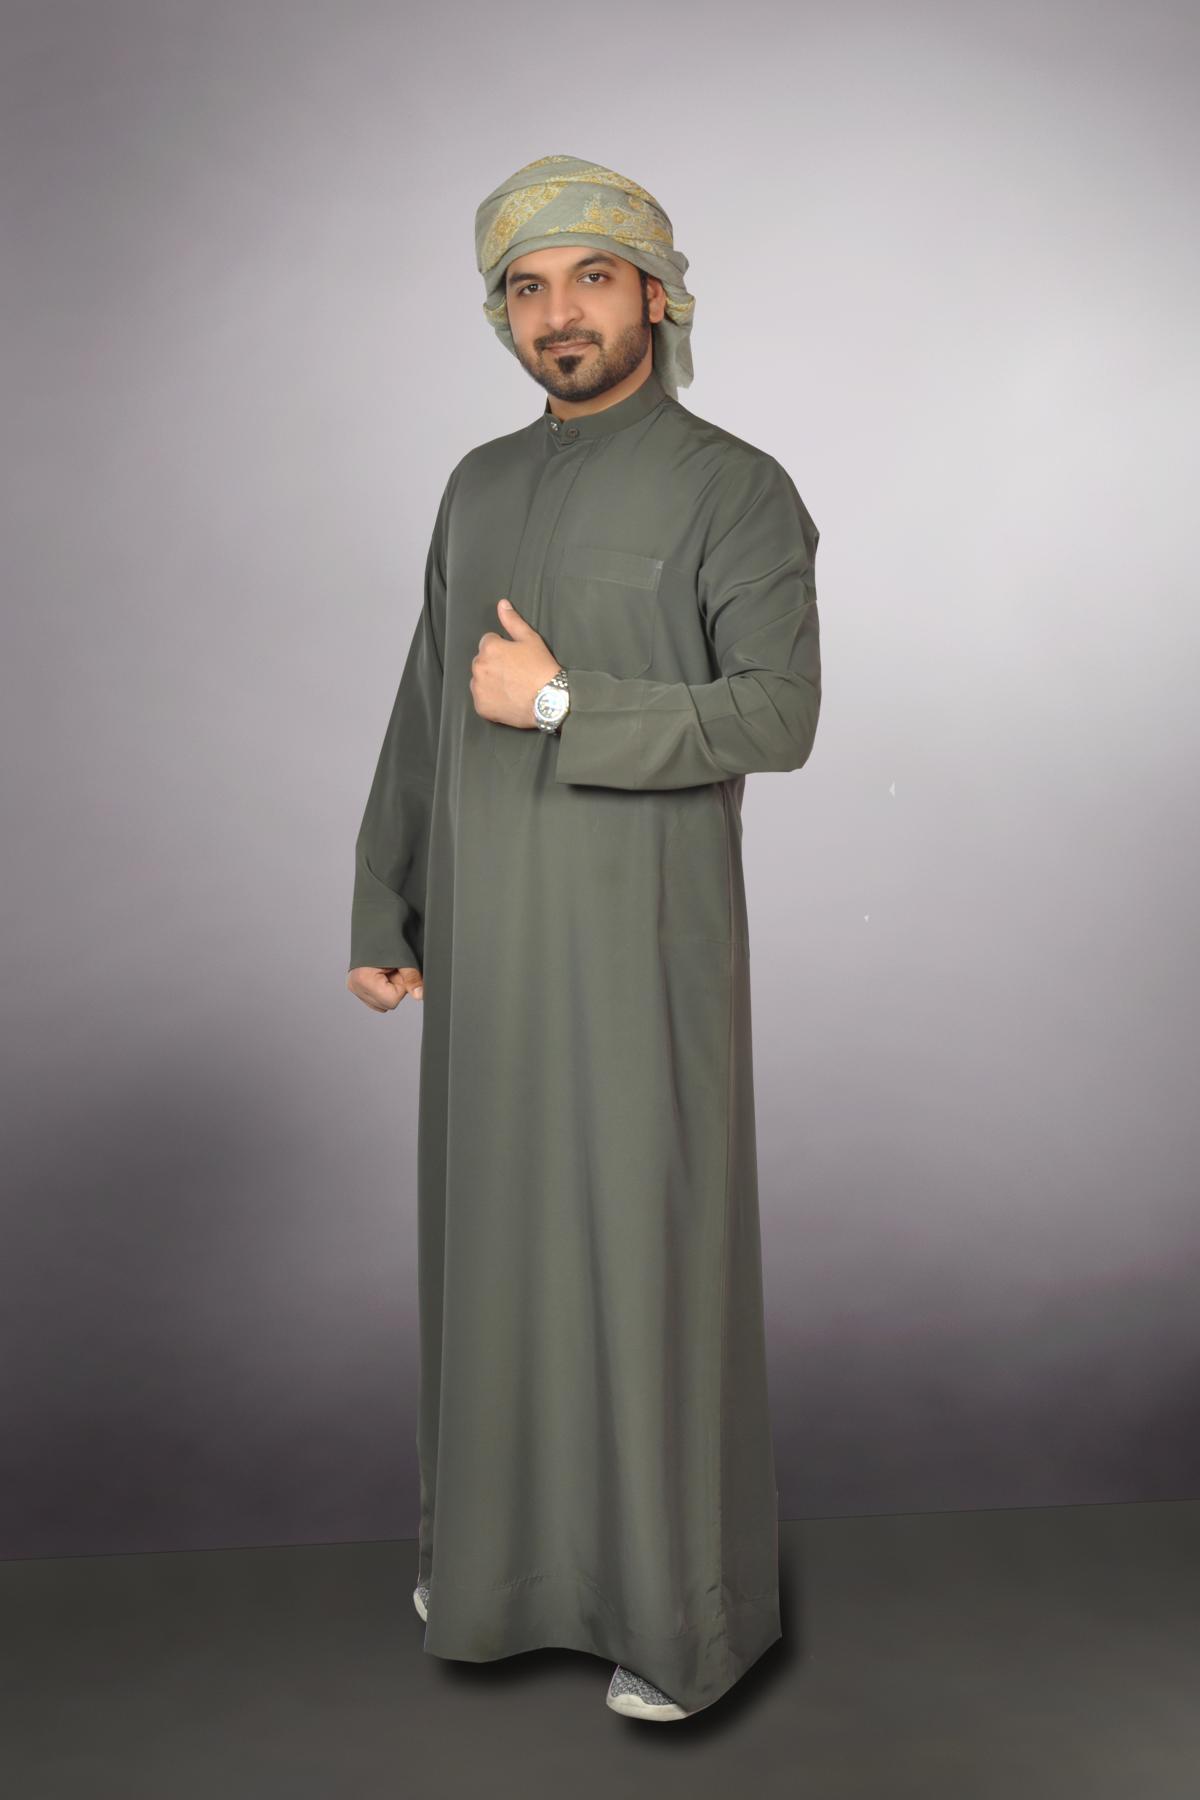 Mohammed-Alsaadi-film-producer-Oman